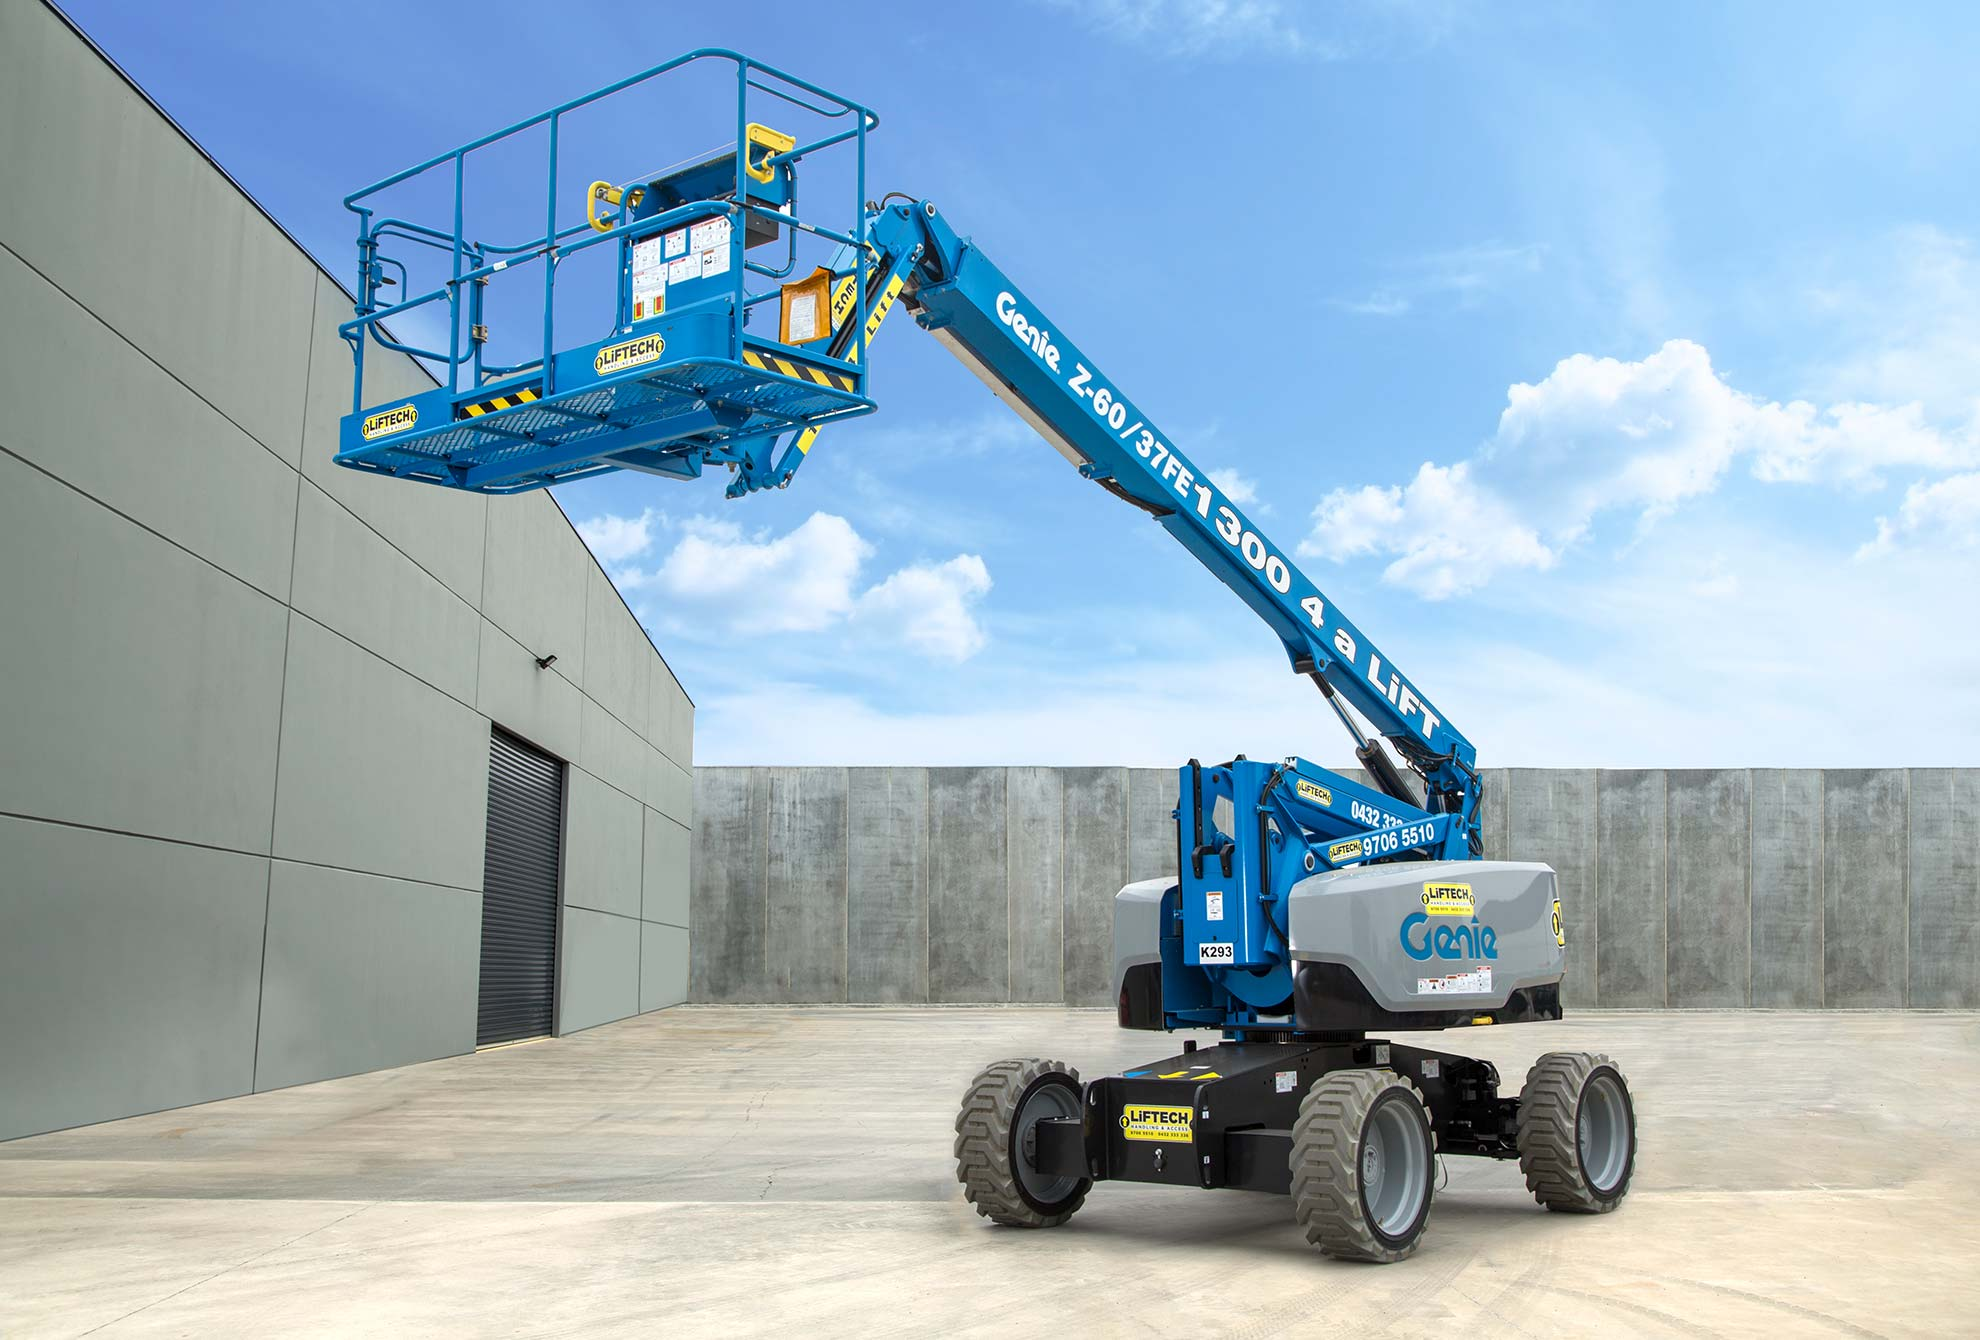 8 metre diesel hybrid knuckle boom lift